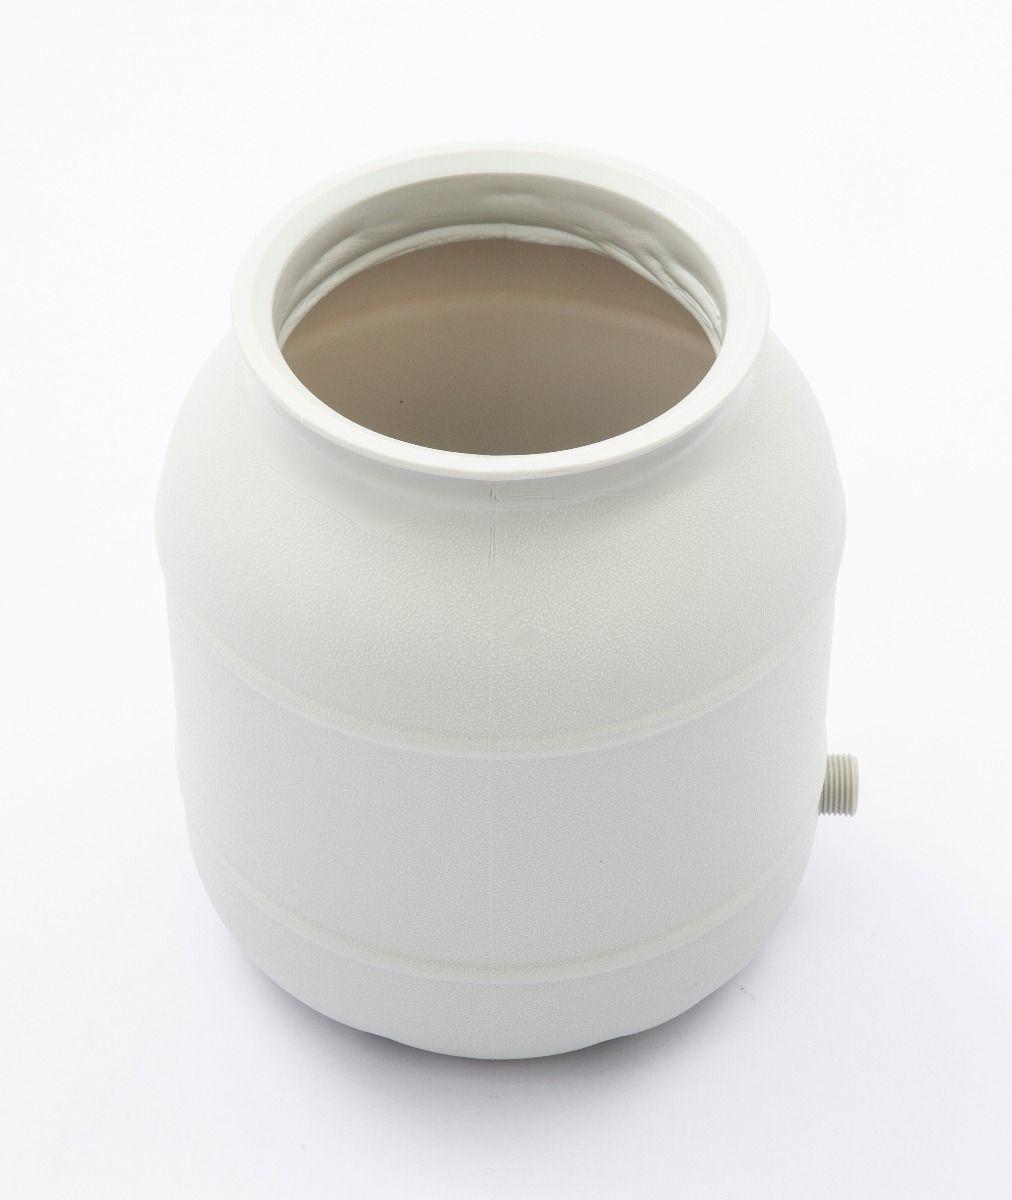 Serbatoio per filtro a Sabbia con filtraggio da 5678 l/h